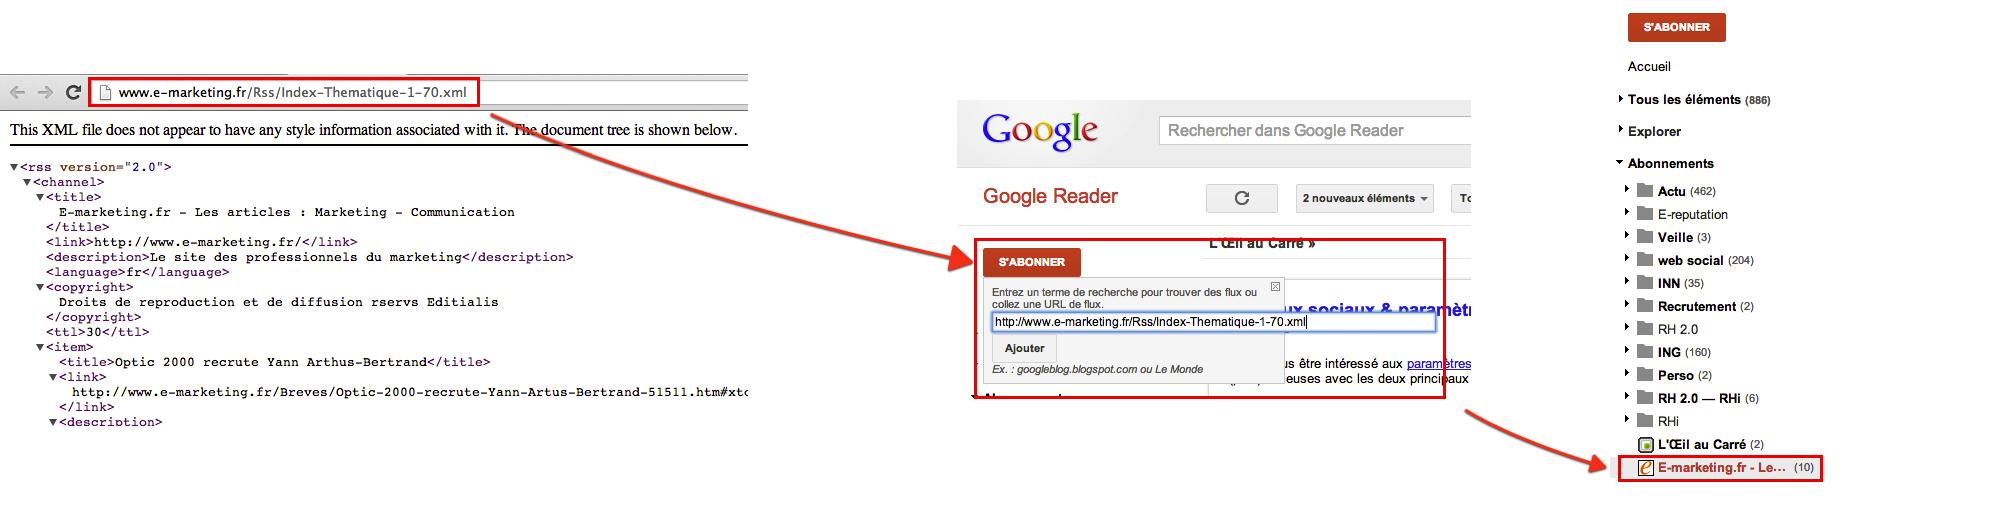 Flux-Rss-Google-Reader 2